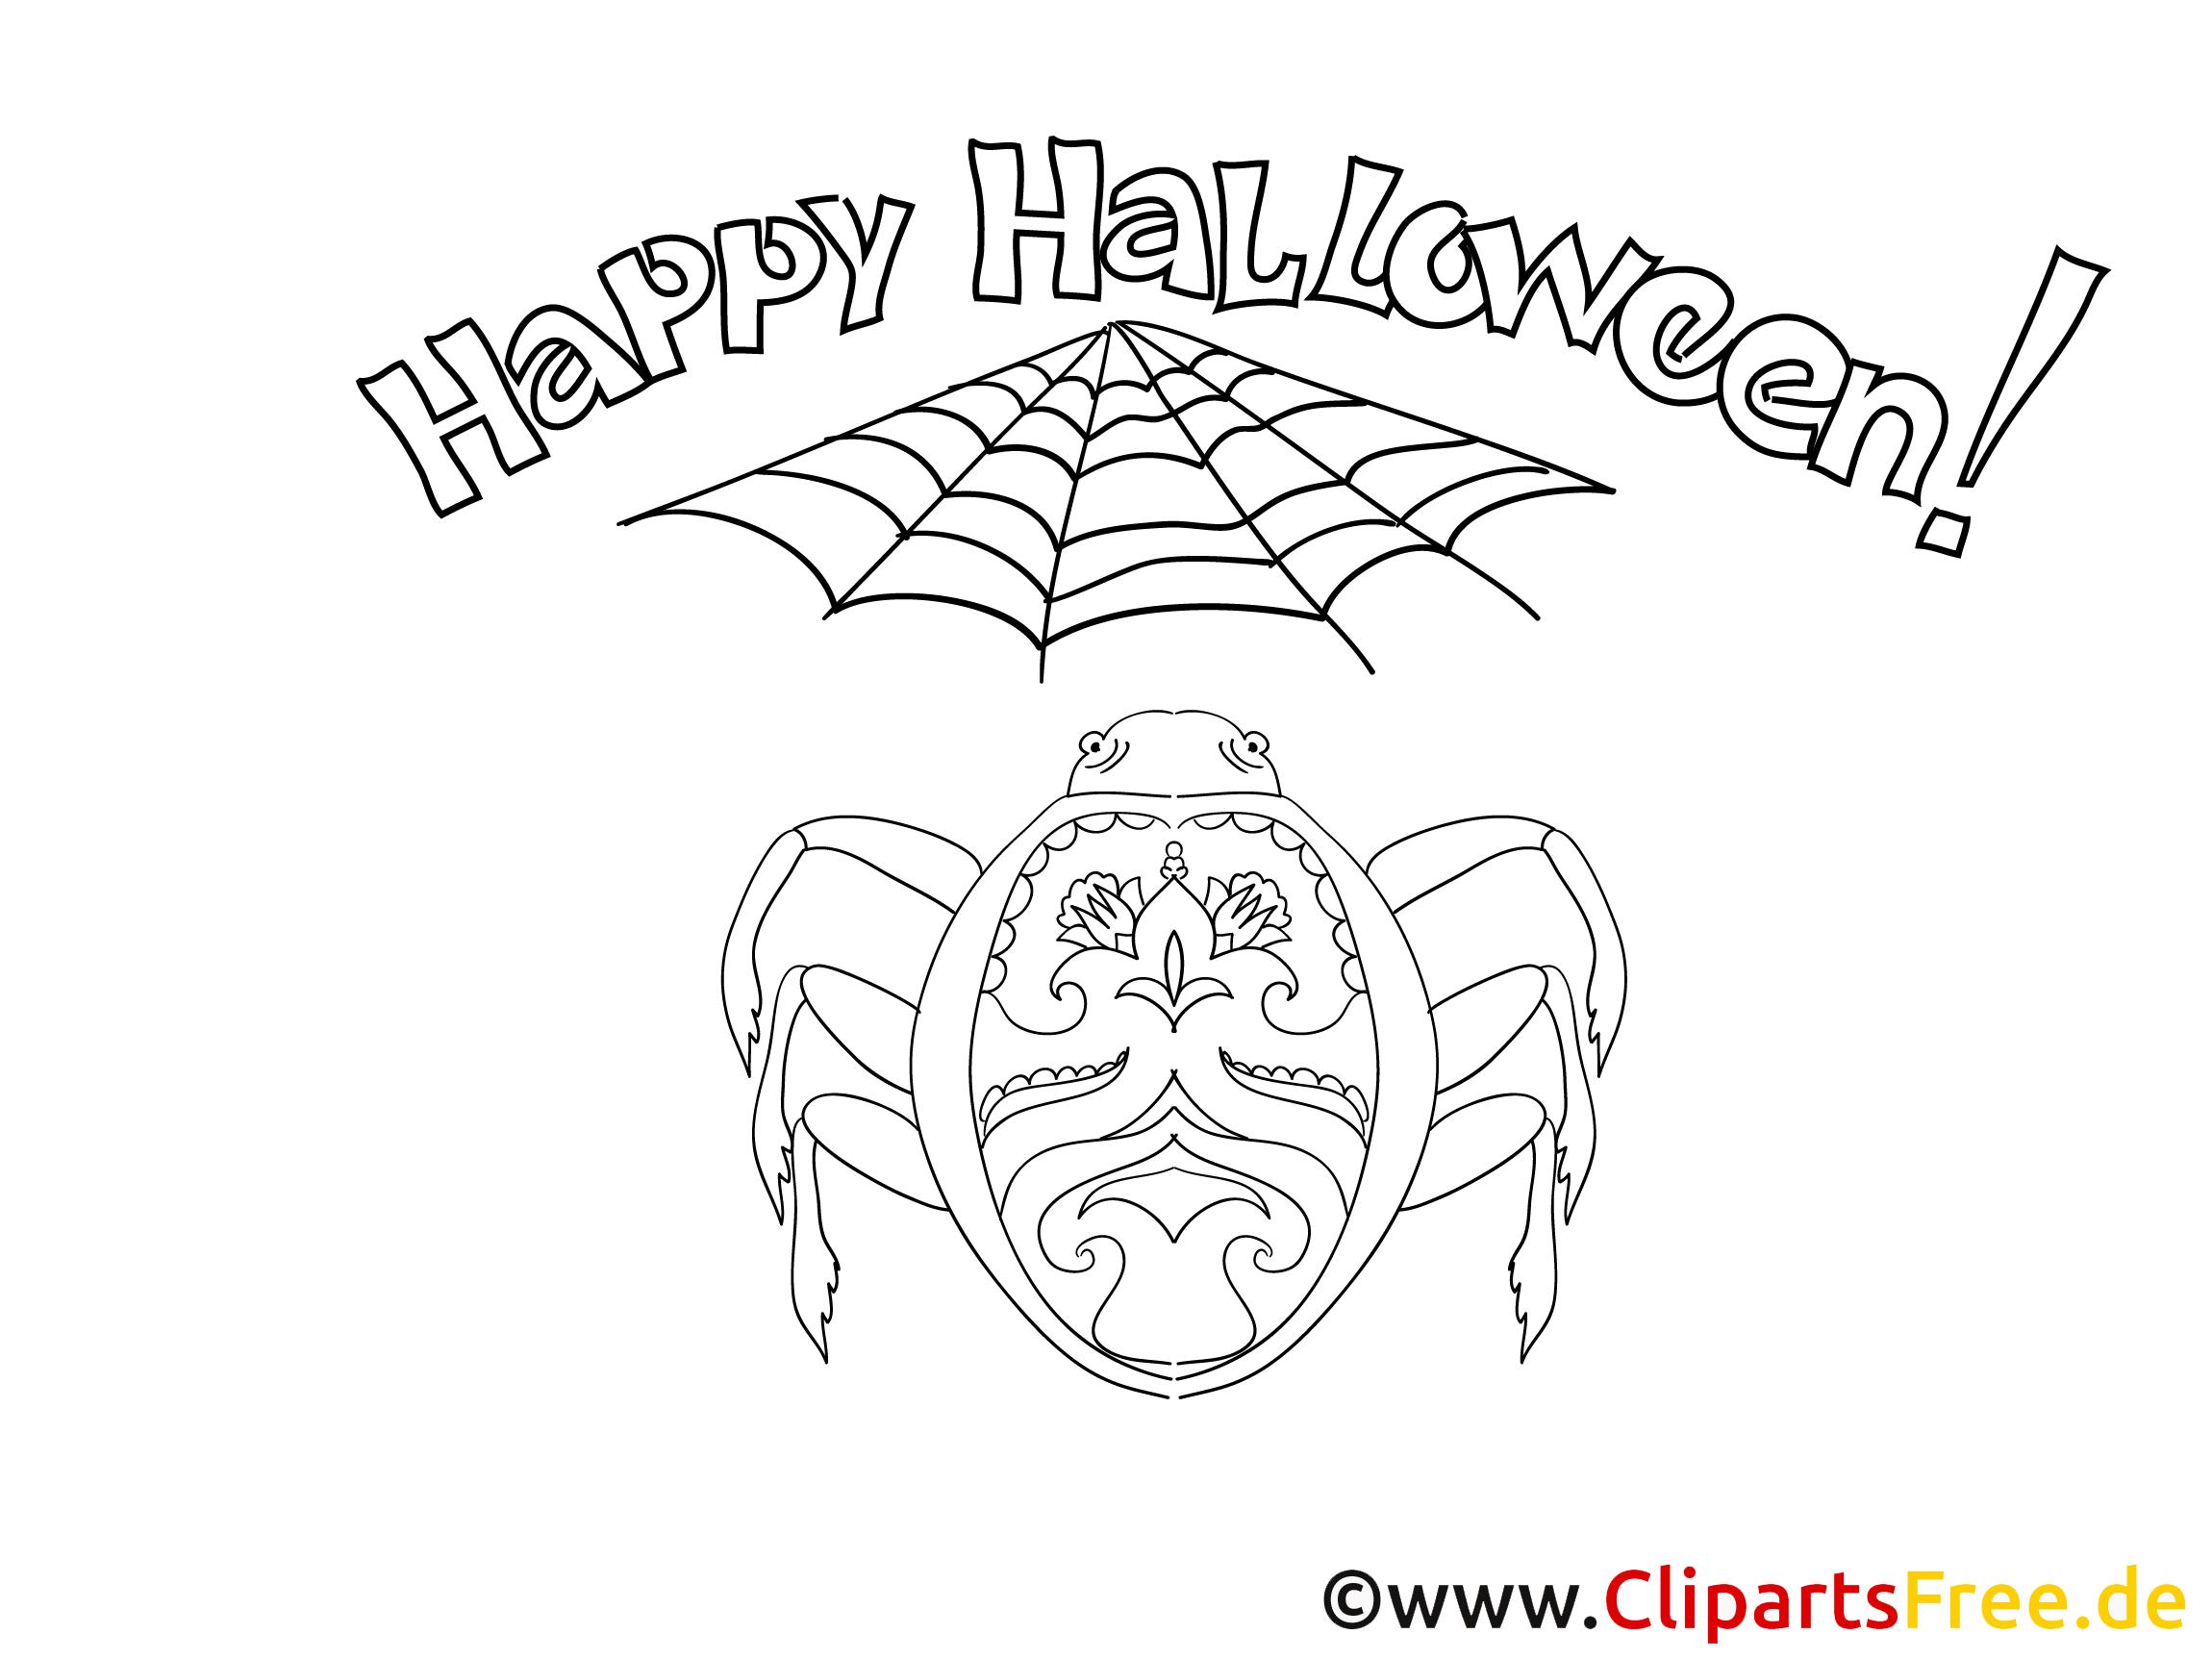 Gratis Ausmalbild zu Halloween